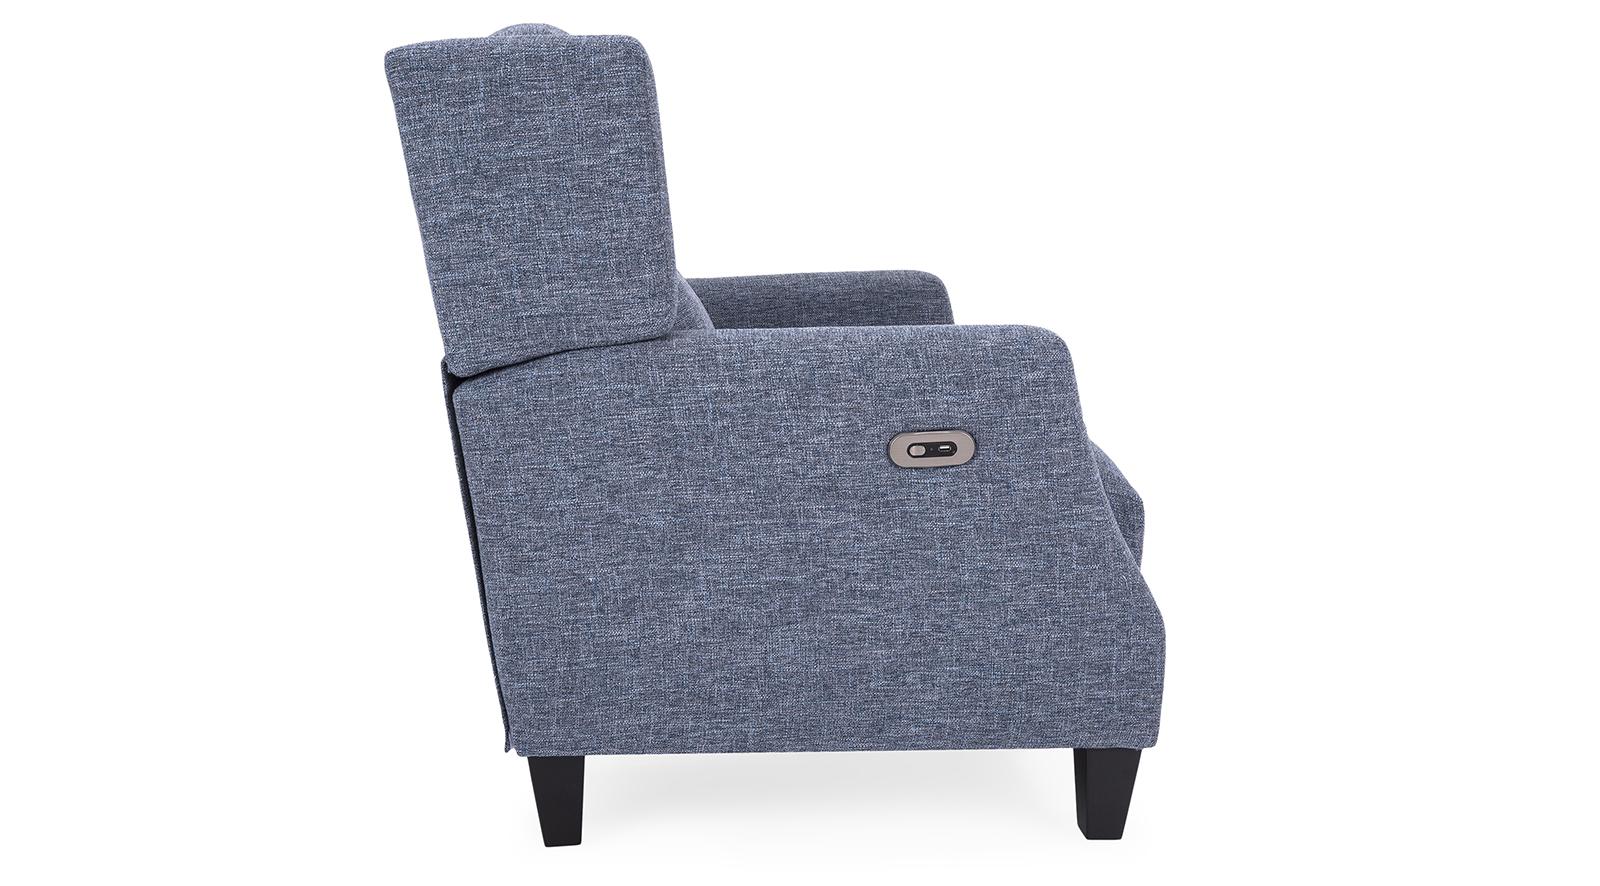 2657 Reclining Chair